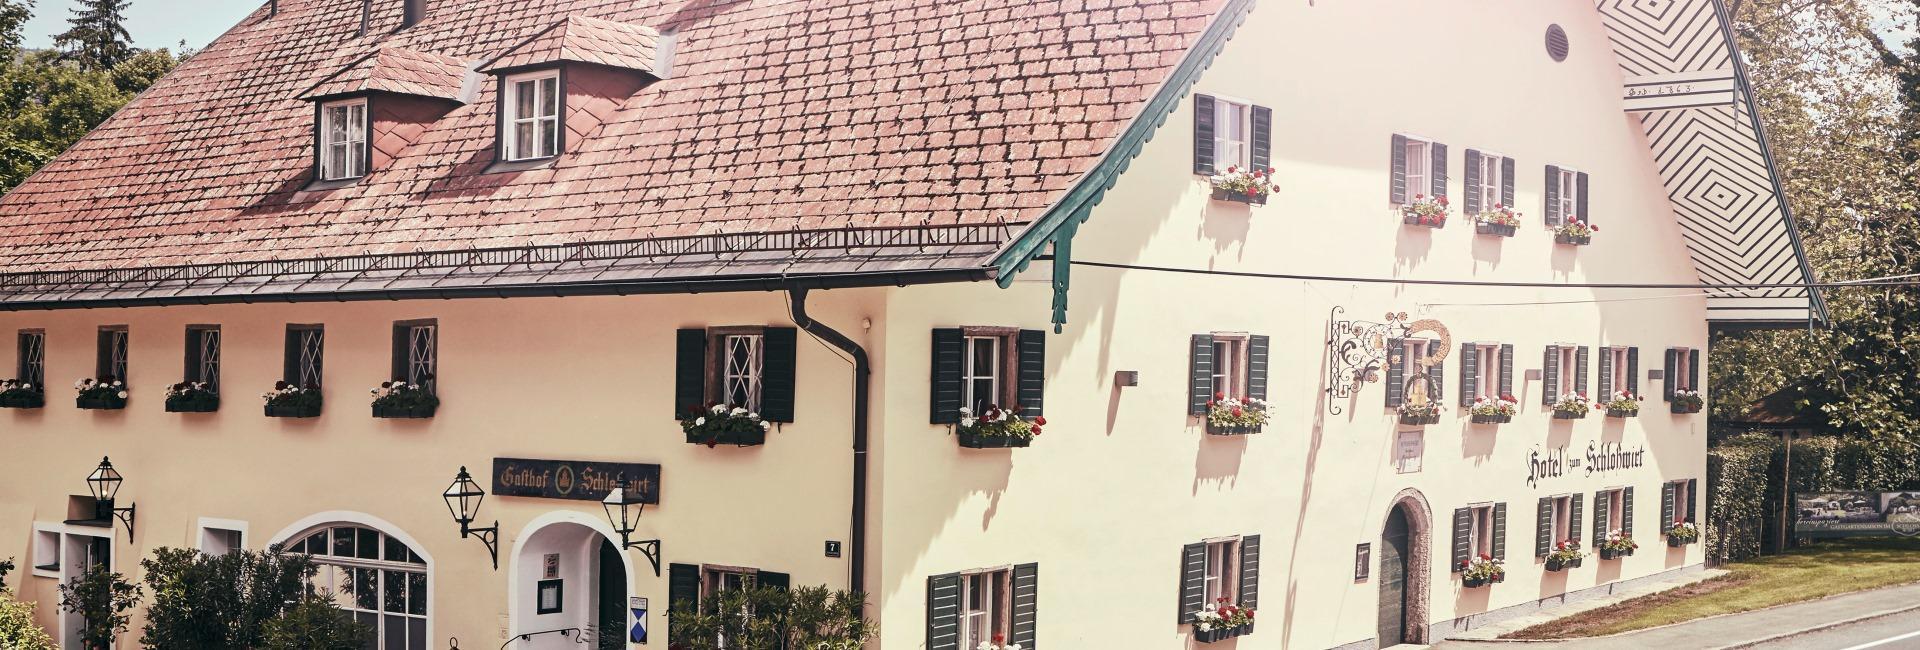 Schlosswirt zu Anif near Salzburg